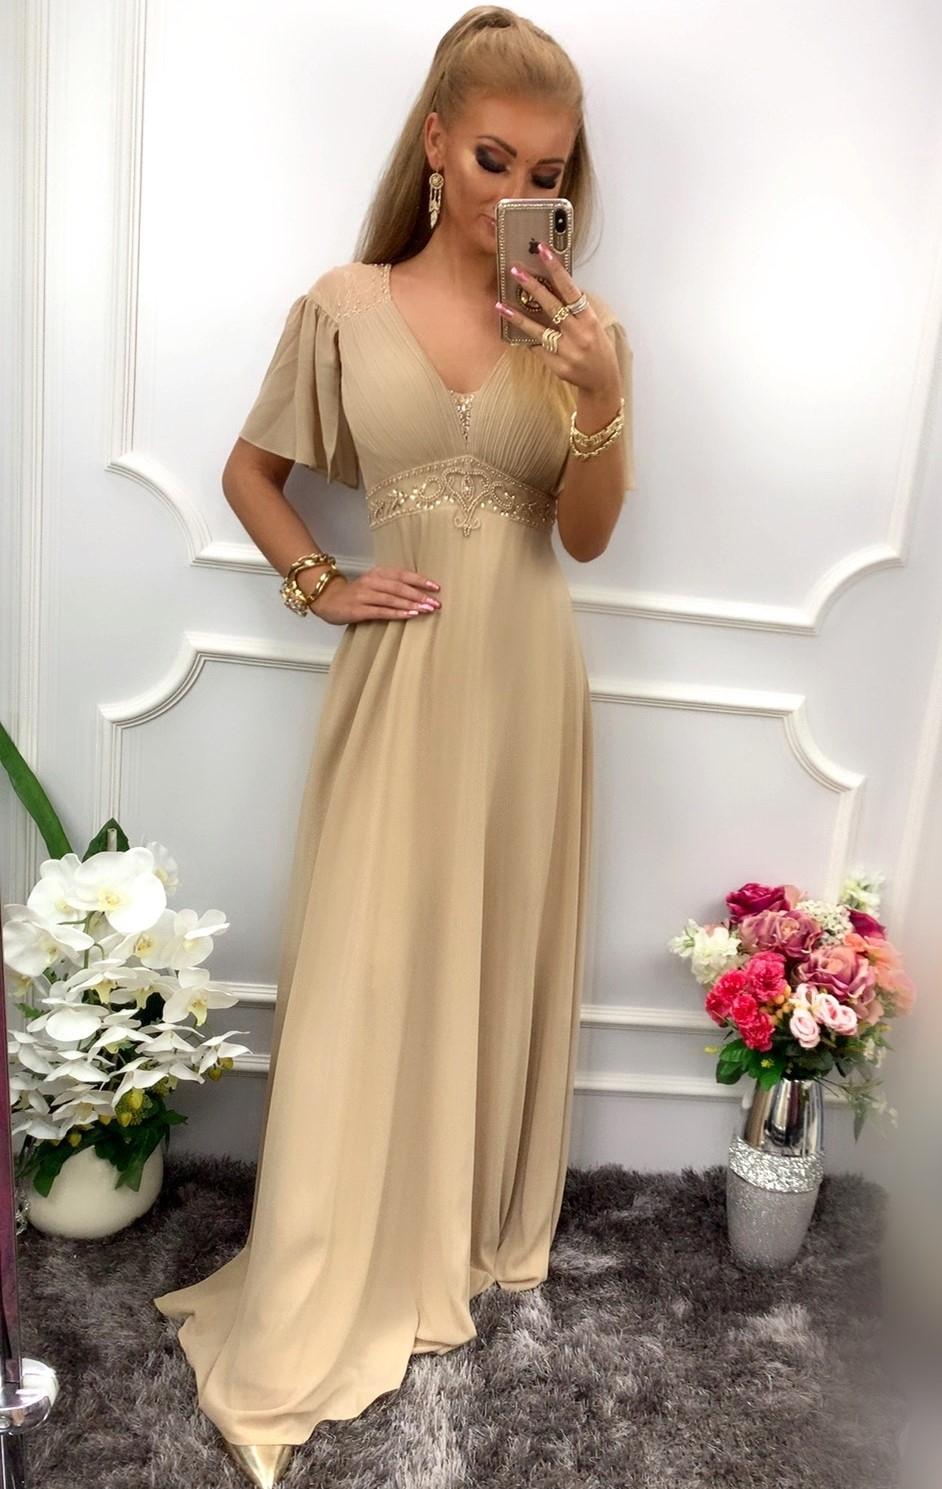 Długa sukienka na wesele dla mamy